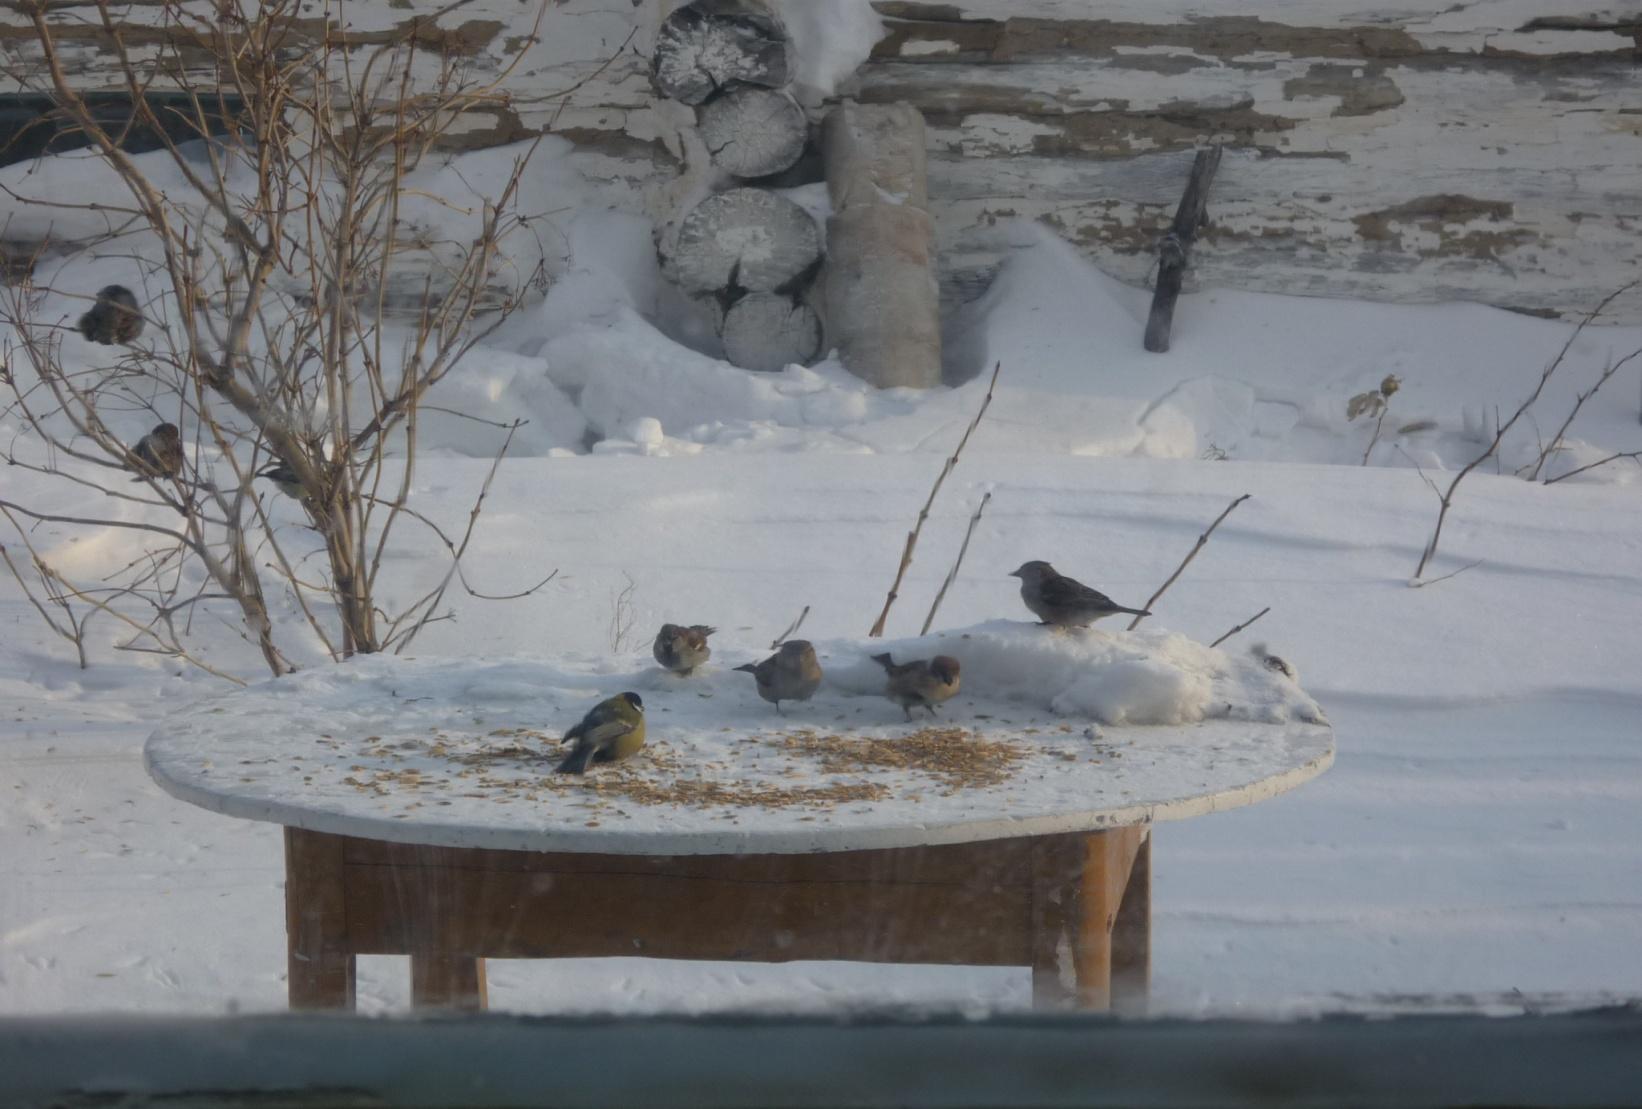 C:\Users\Владимировка1\Desktop\готовые фото птицы на кормушке\готовые фото, птицы на кормушке\P1040978.JPG